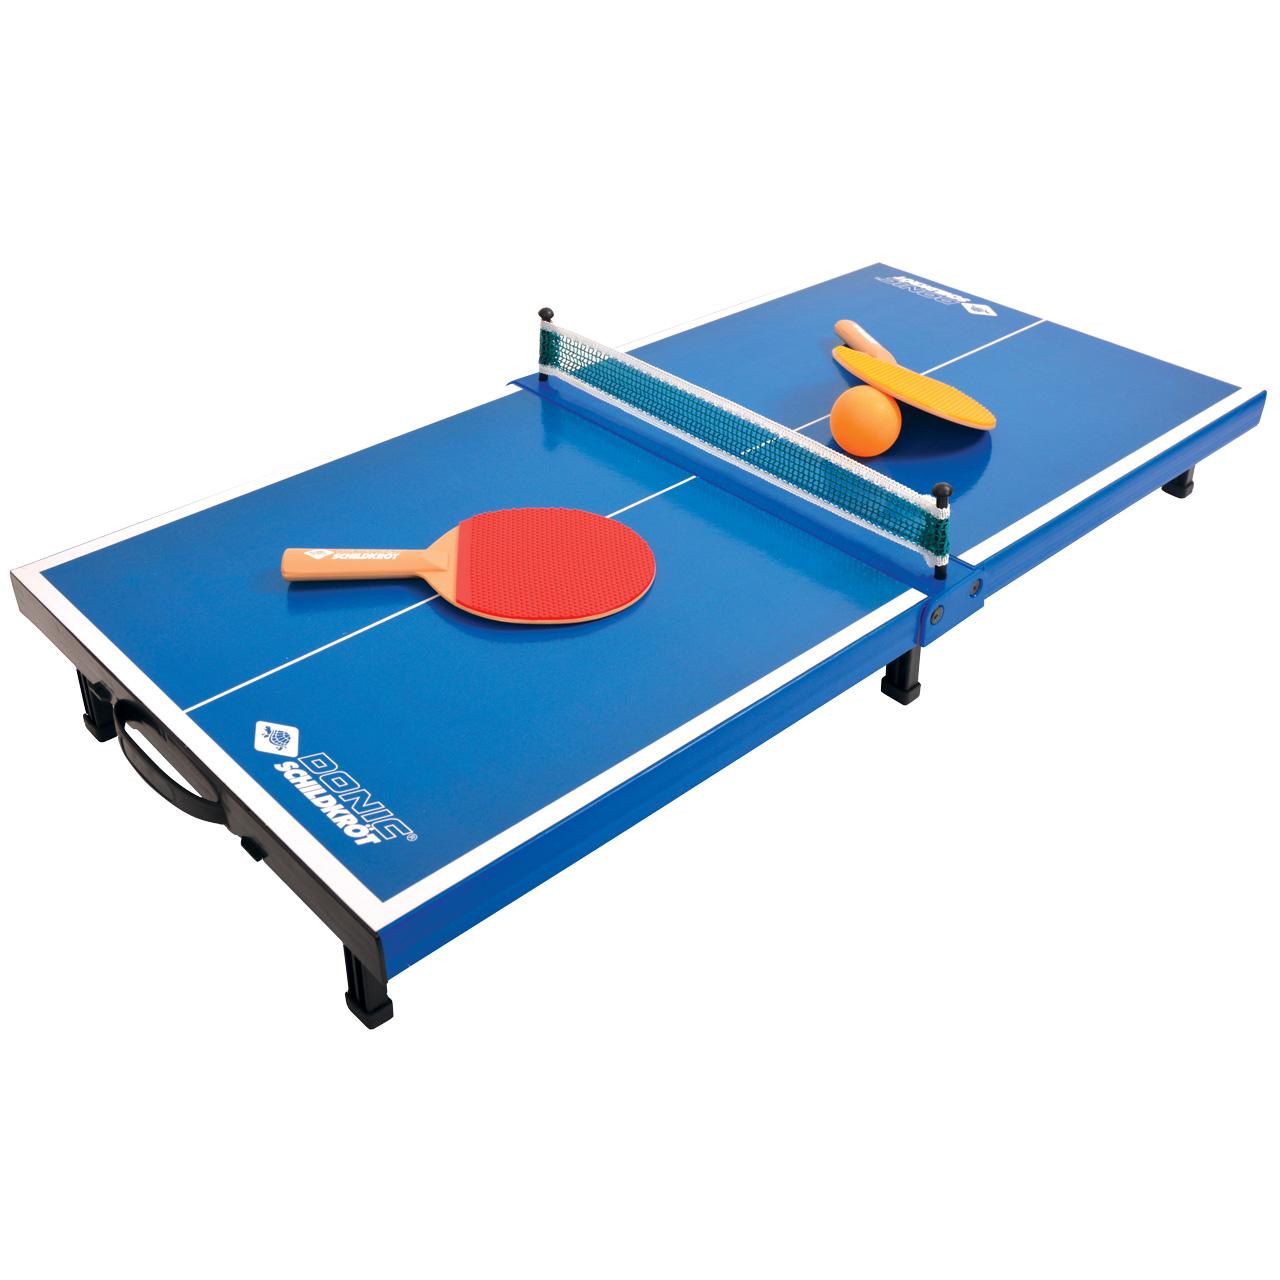 Donic Tischtennis-Set aus Mini-Tischtennistischplatte mit 2 Schlägern und 1 Ball 710295